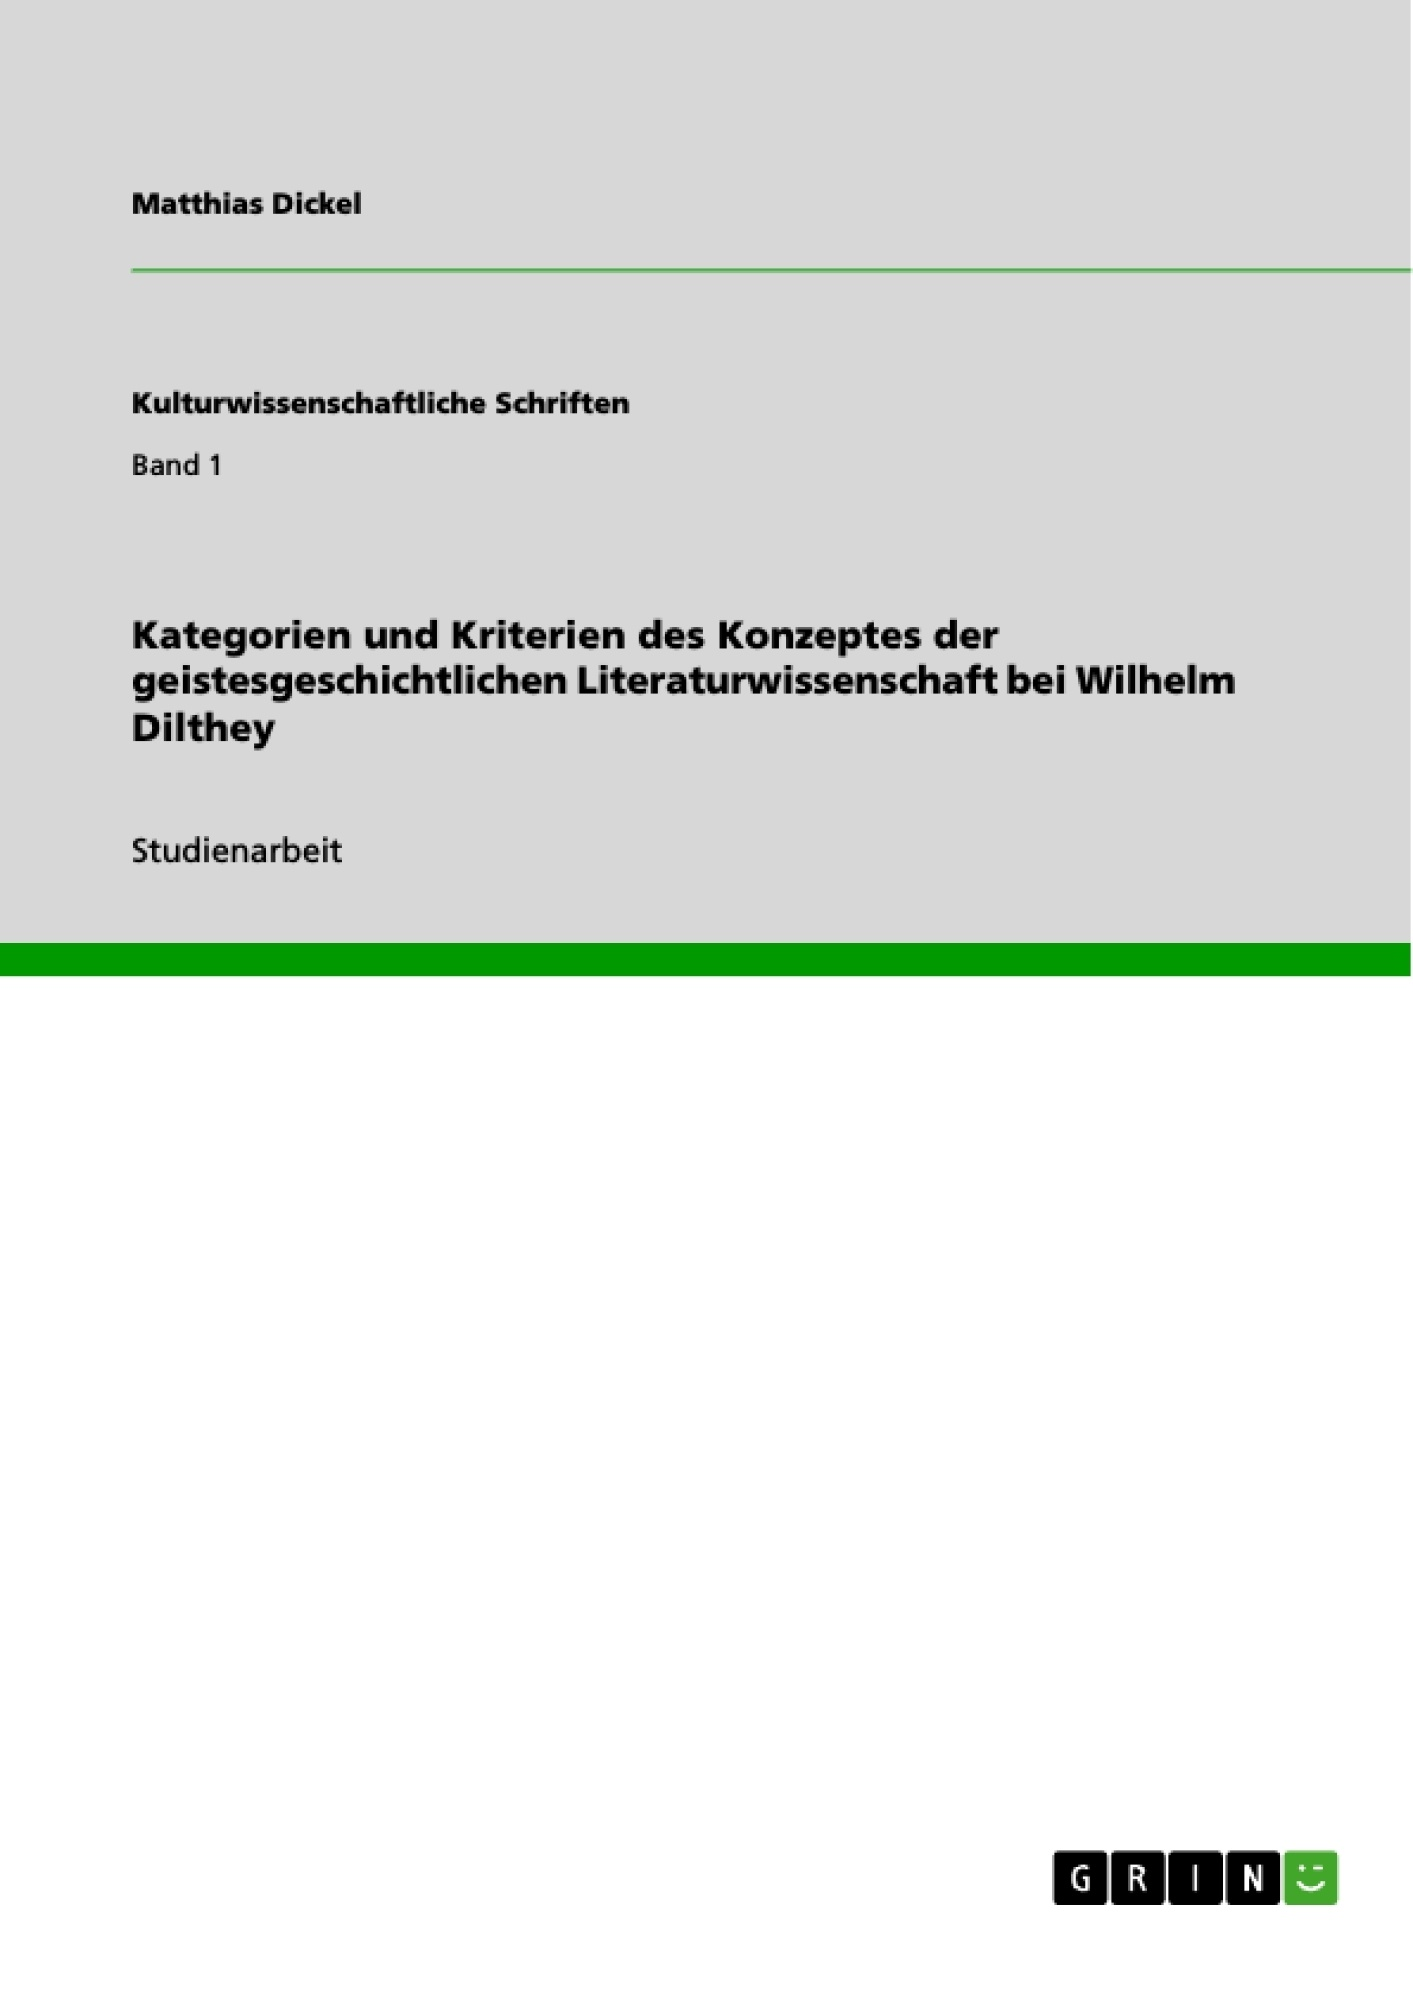 Titel: Kategorien und Kriterien des Konzeptes der geistesgeschichtlichen Literaturwissenschaft bei Wilhelm Dilthey